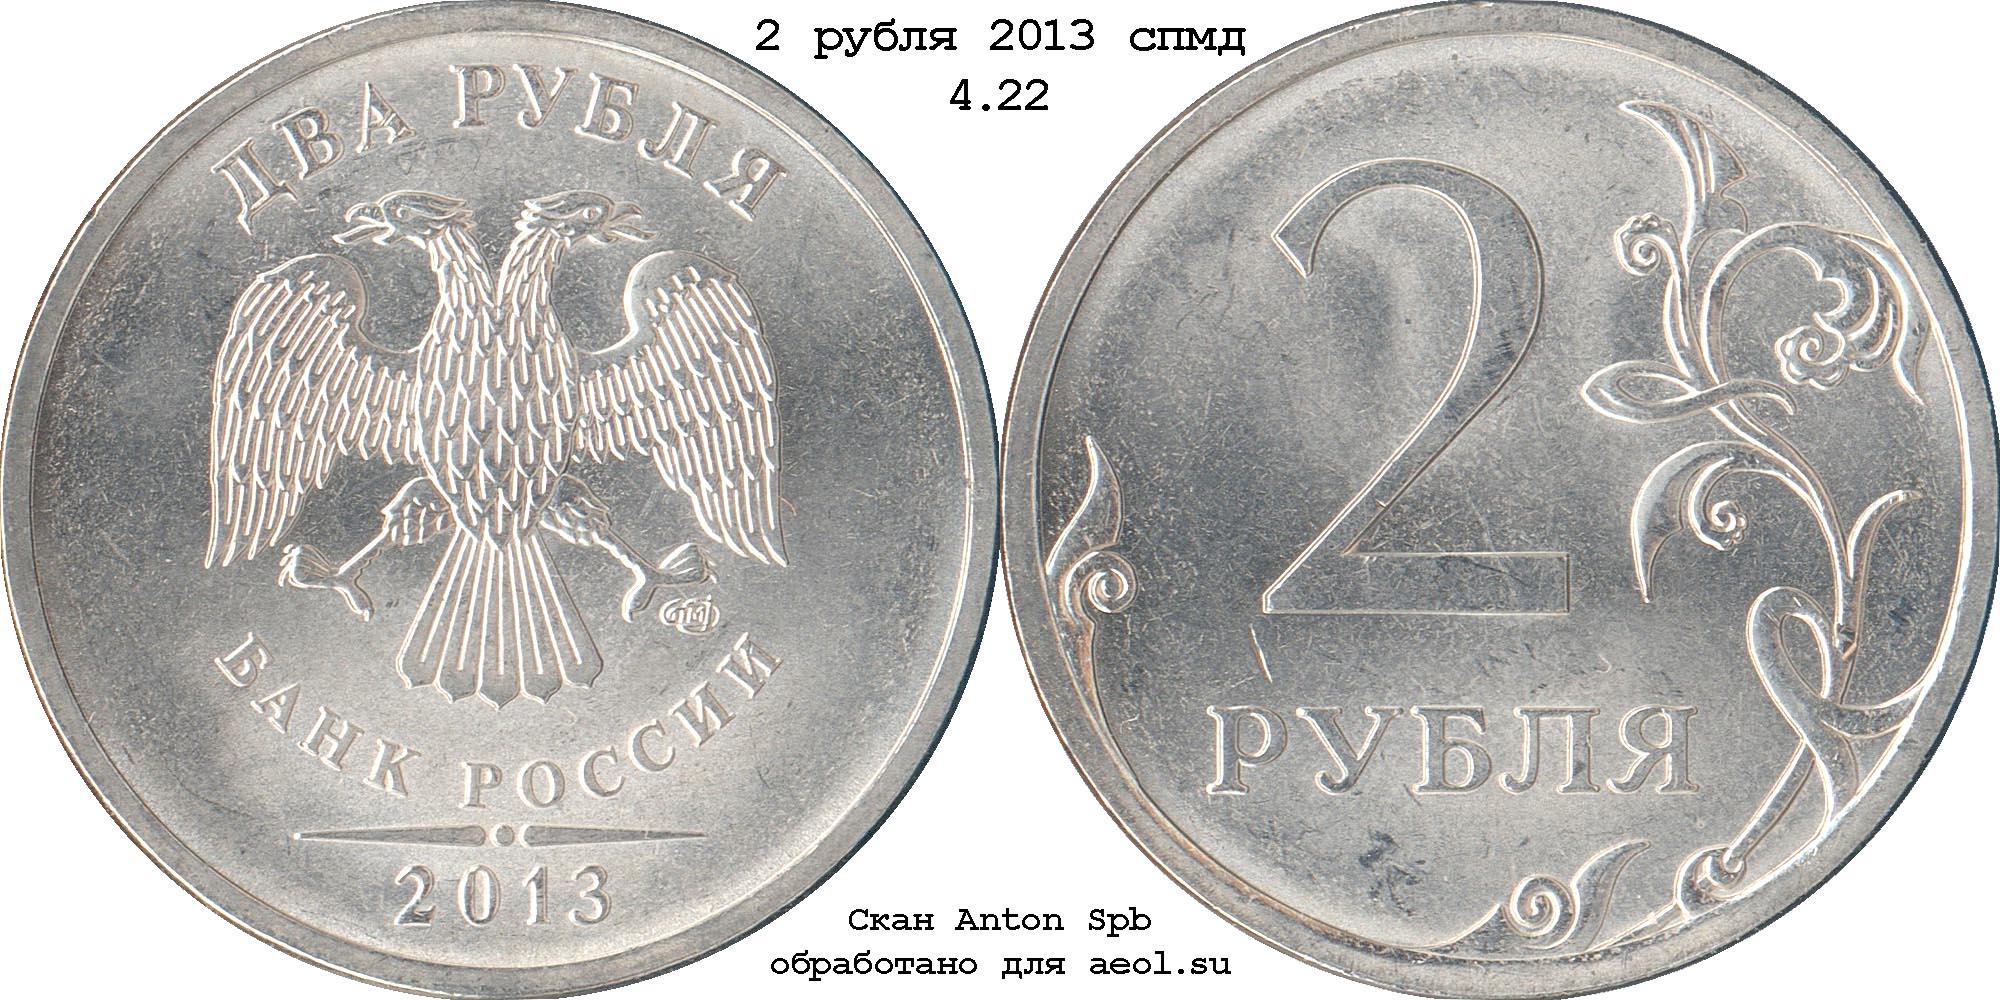 Рубль 2013 3 тенге 1993 года стоимость